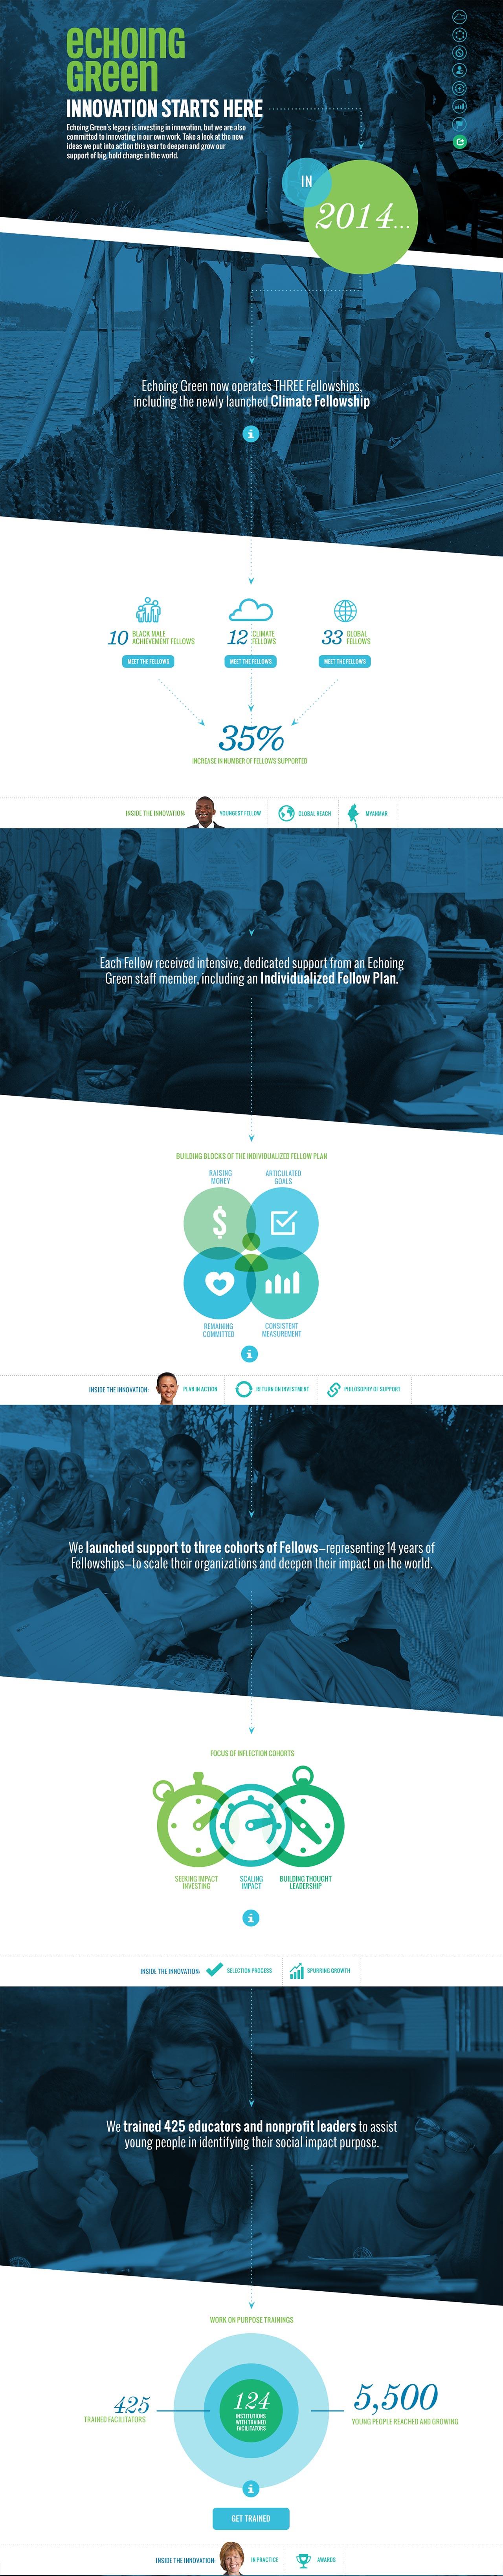 Echoing Green Annual Report Website Screenshot